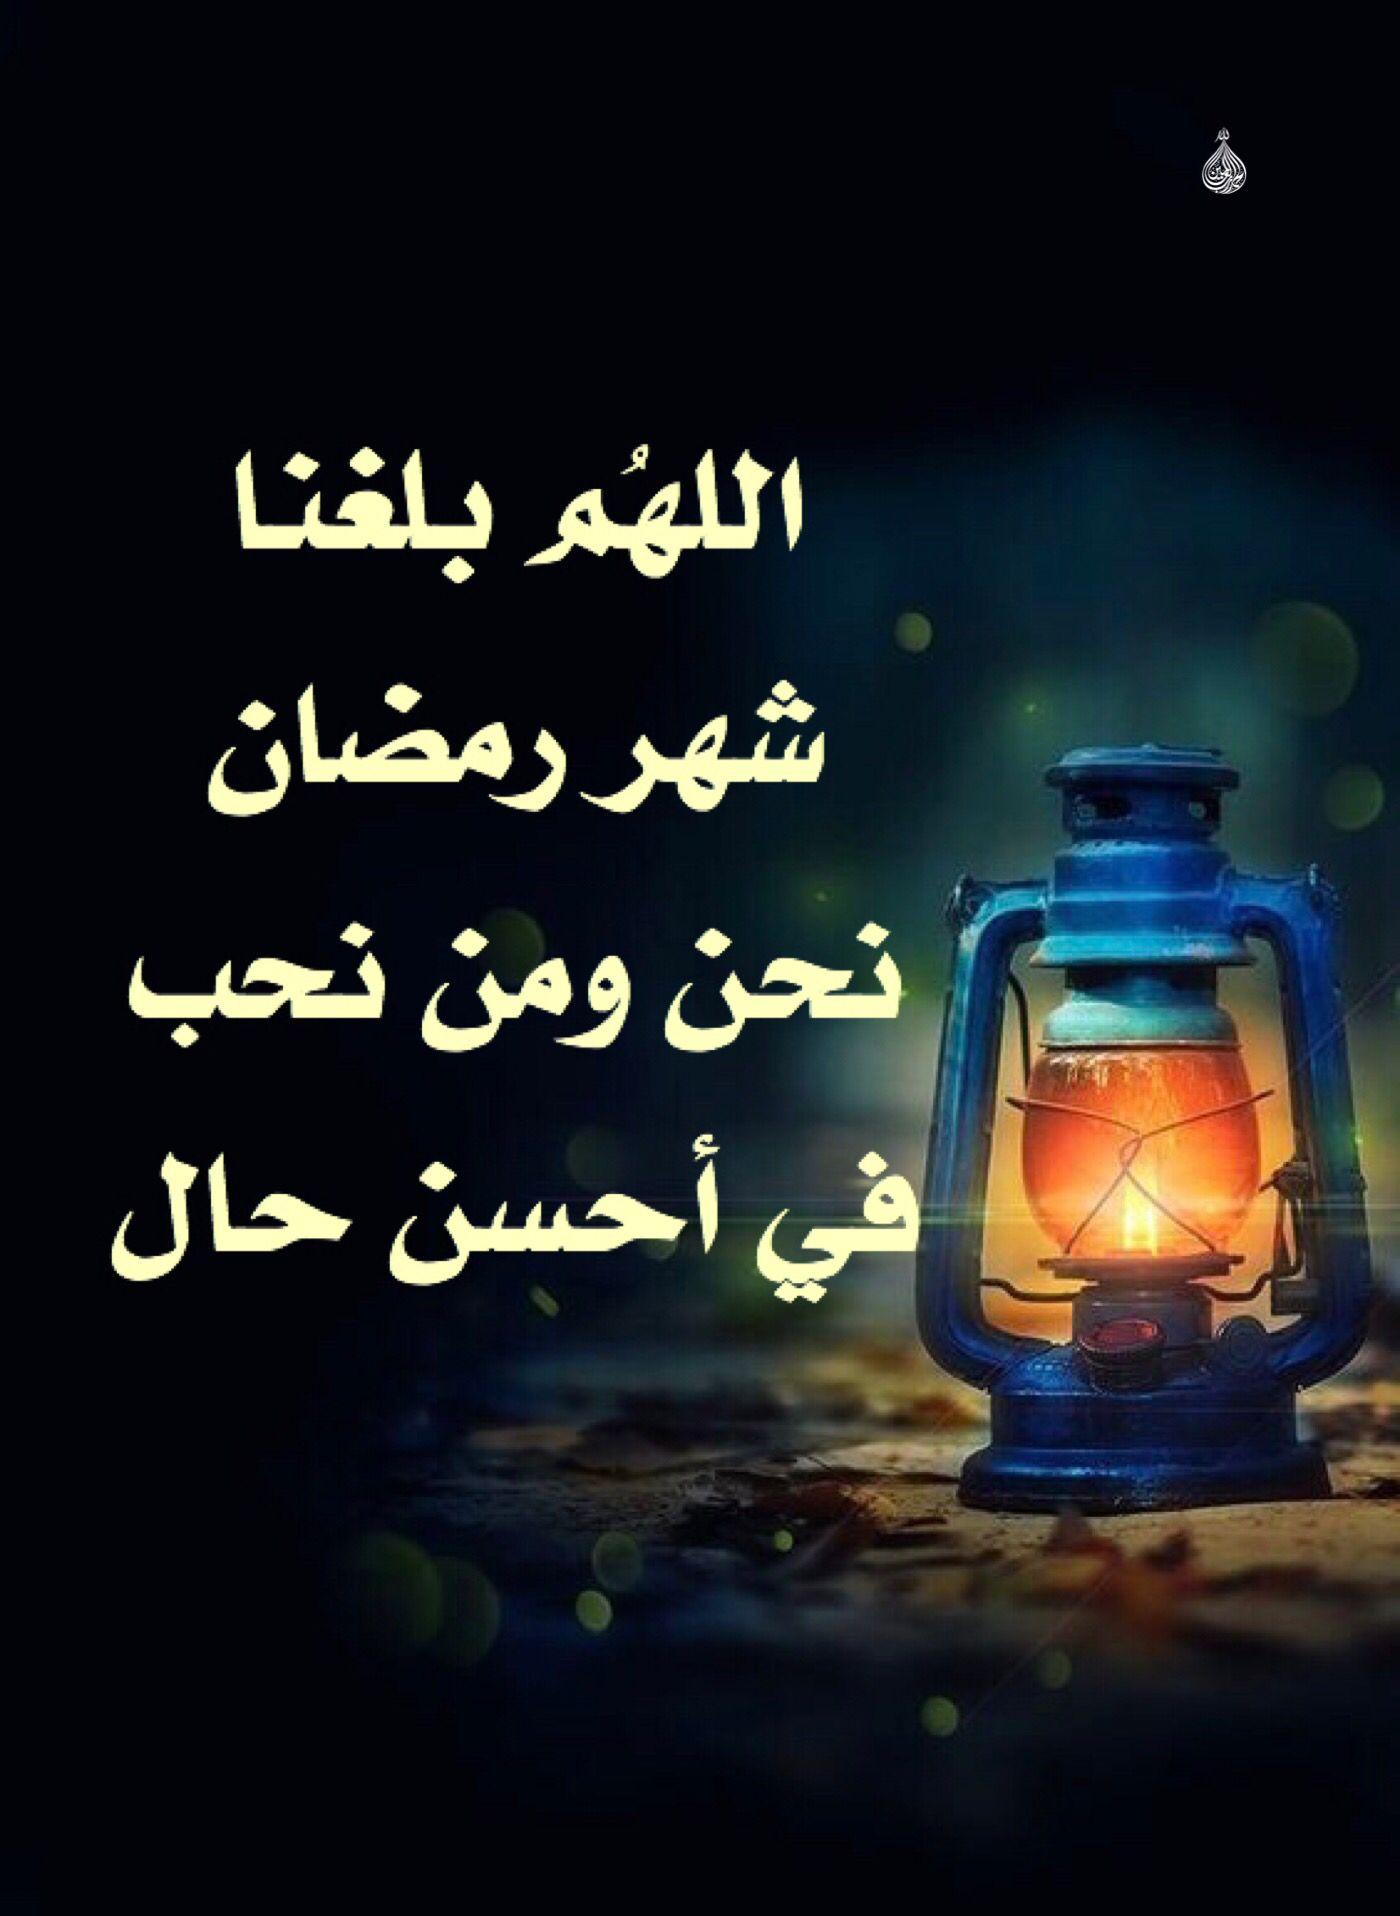 رمضان Ramadan Background Ramadan Kareem Ramadan